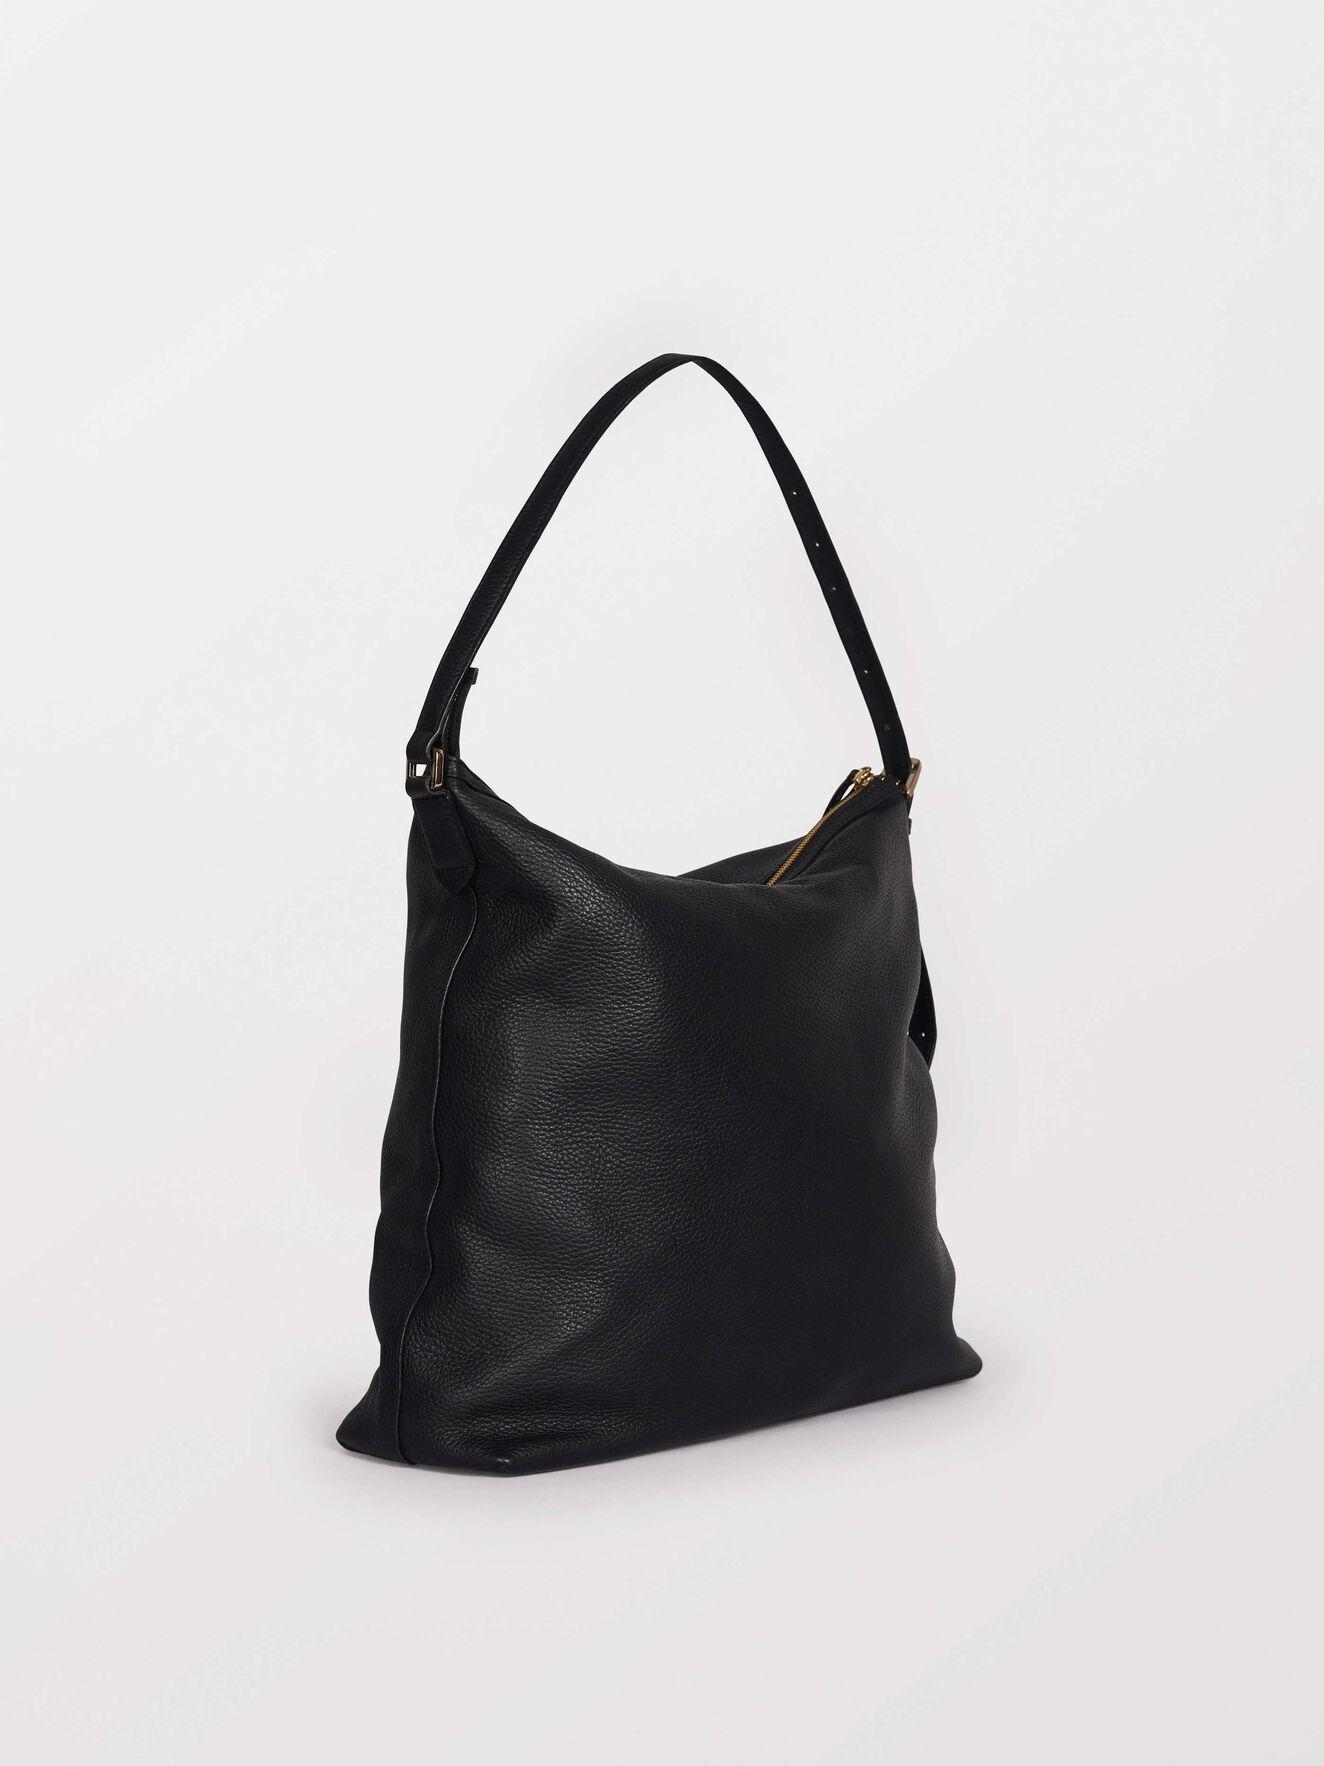 Bahobo Bag in Black from Tiger of Sweden